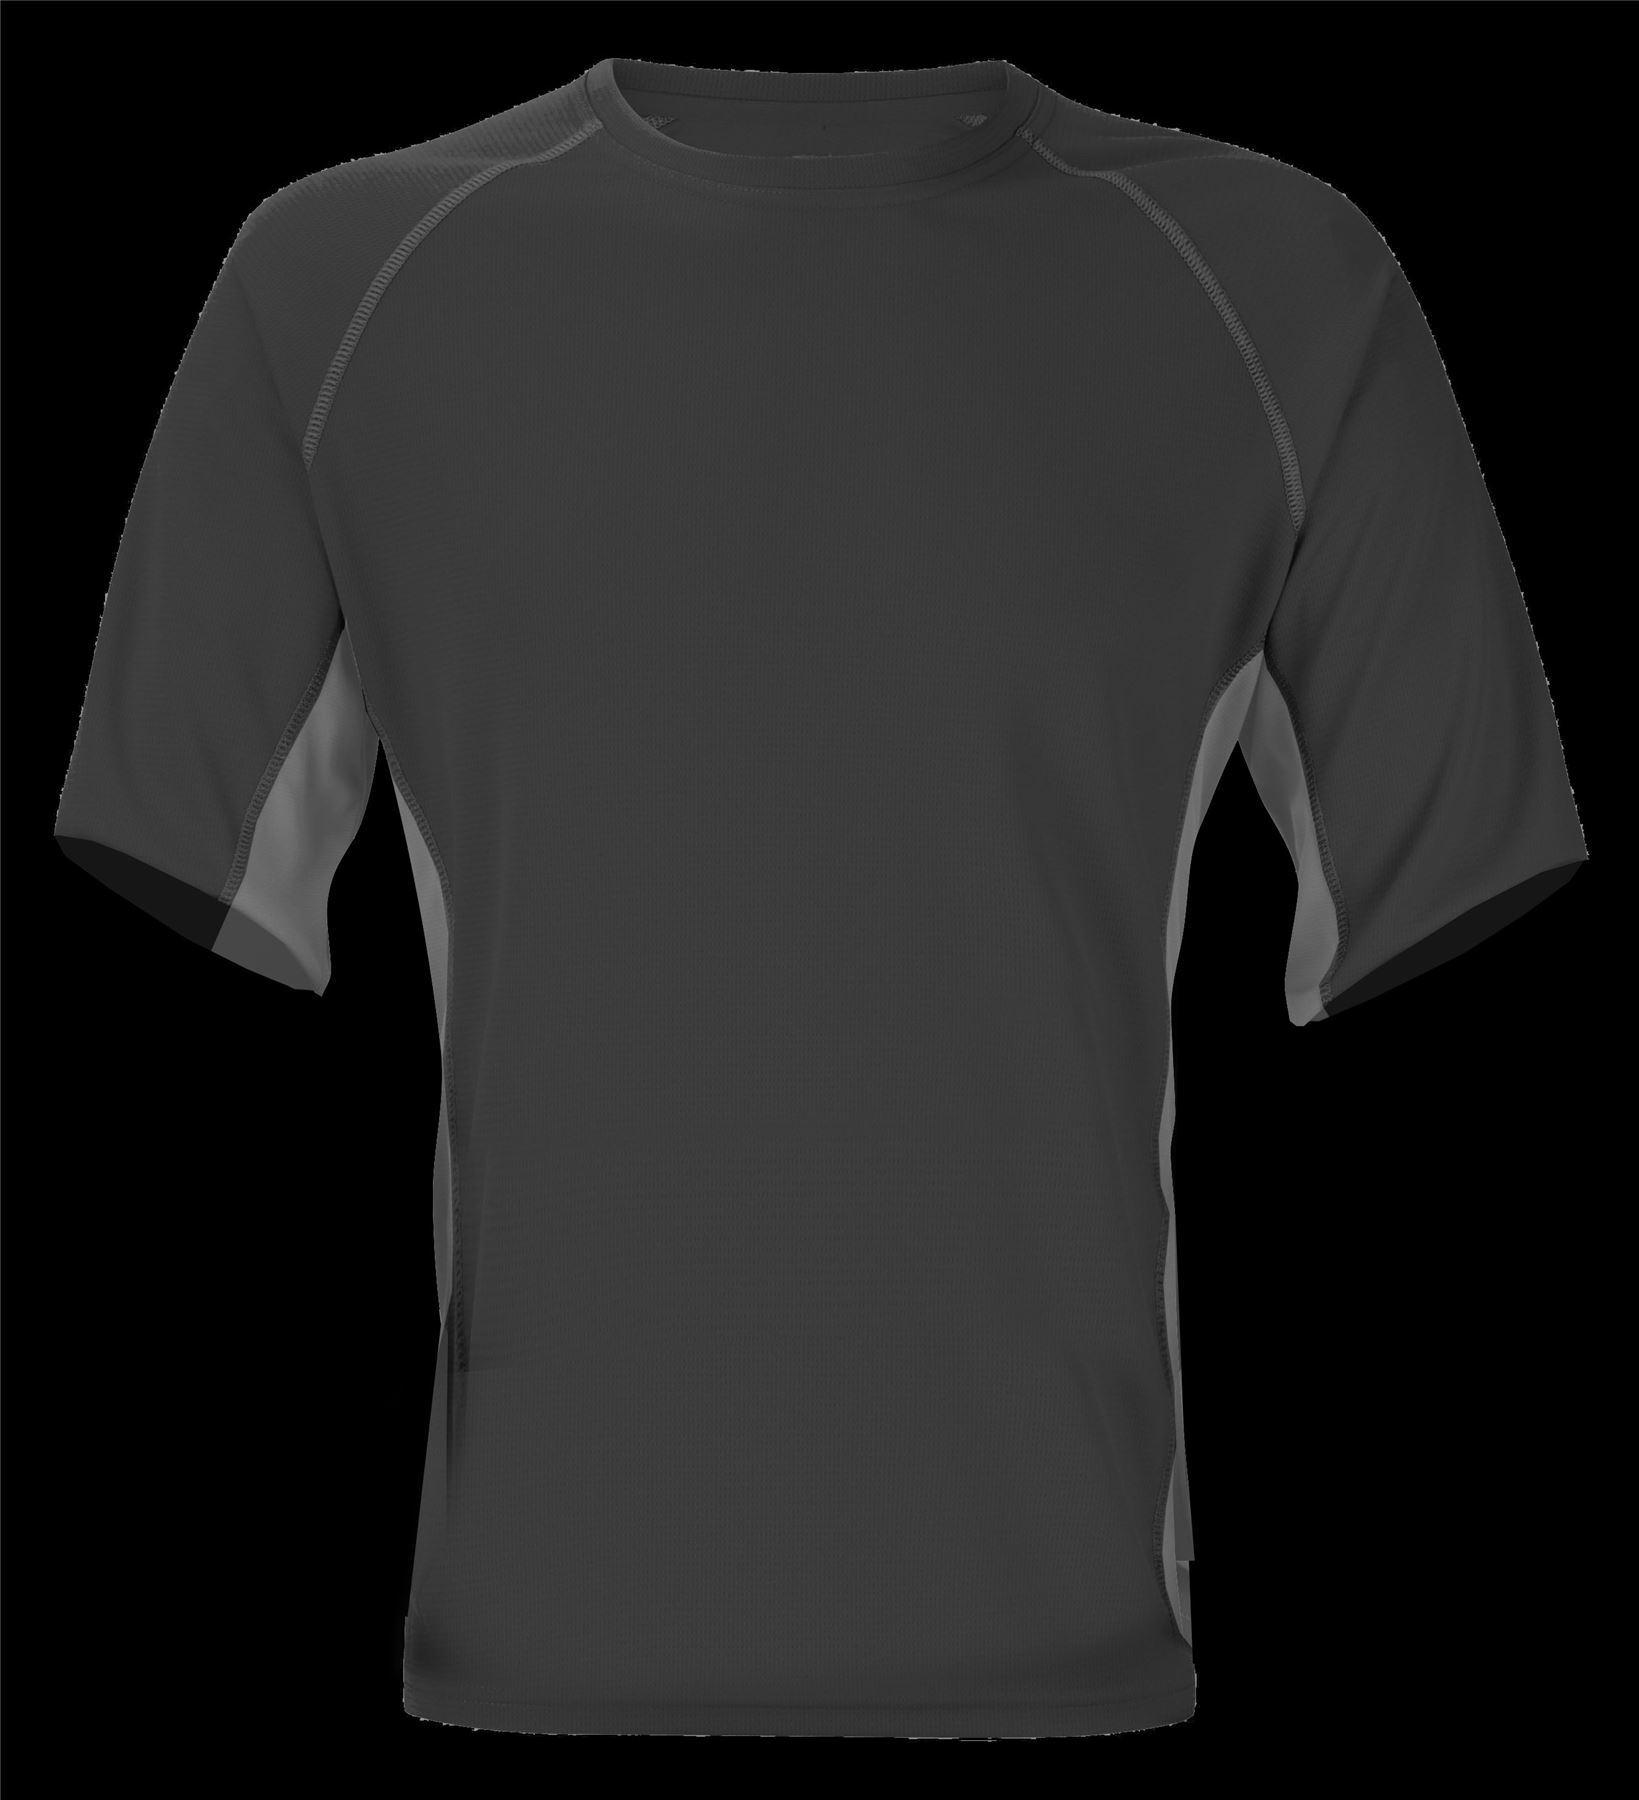 Clothes, Shoes & Accessories Trekmates Vapor Active Crew Neck Long  Sleeve Mens Black/Grey  Trekmates®